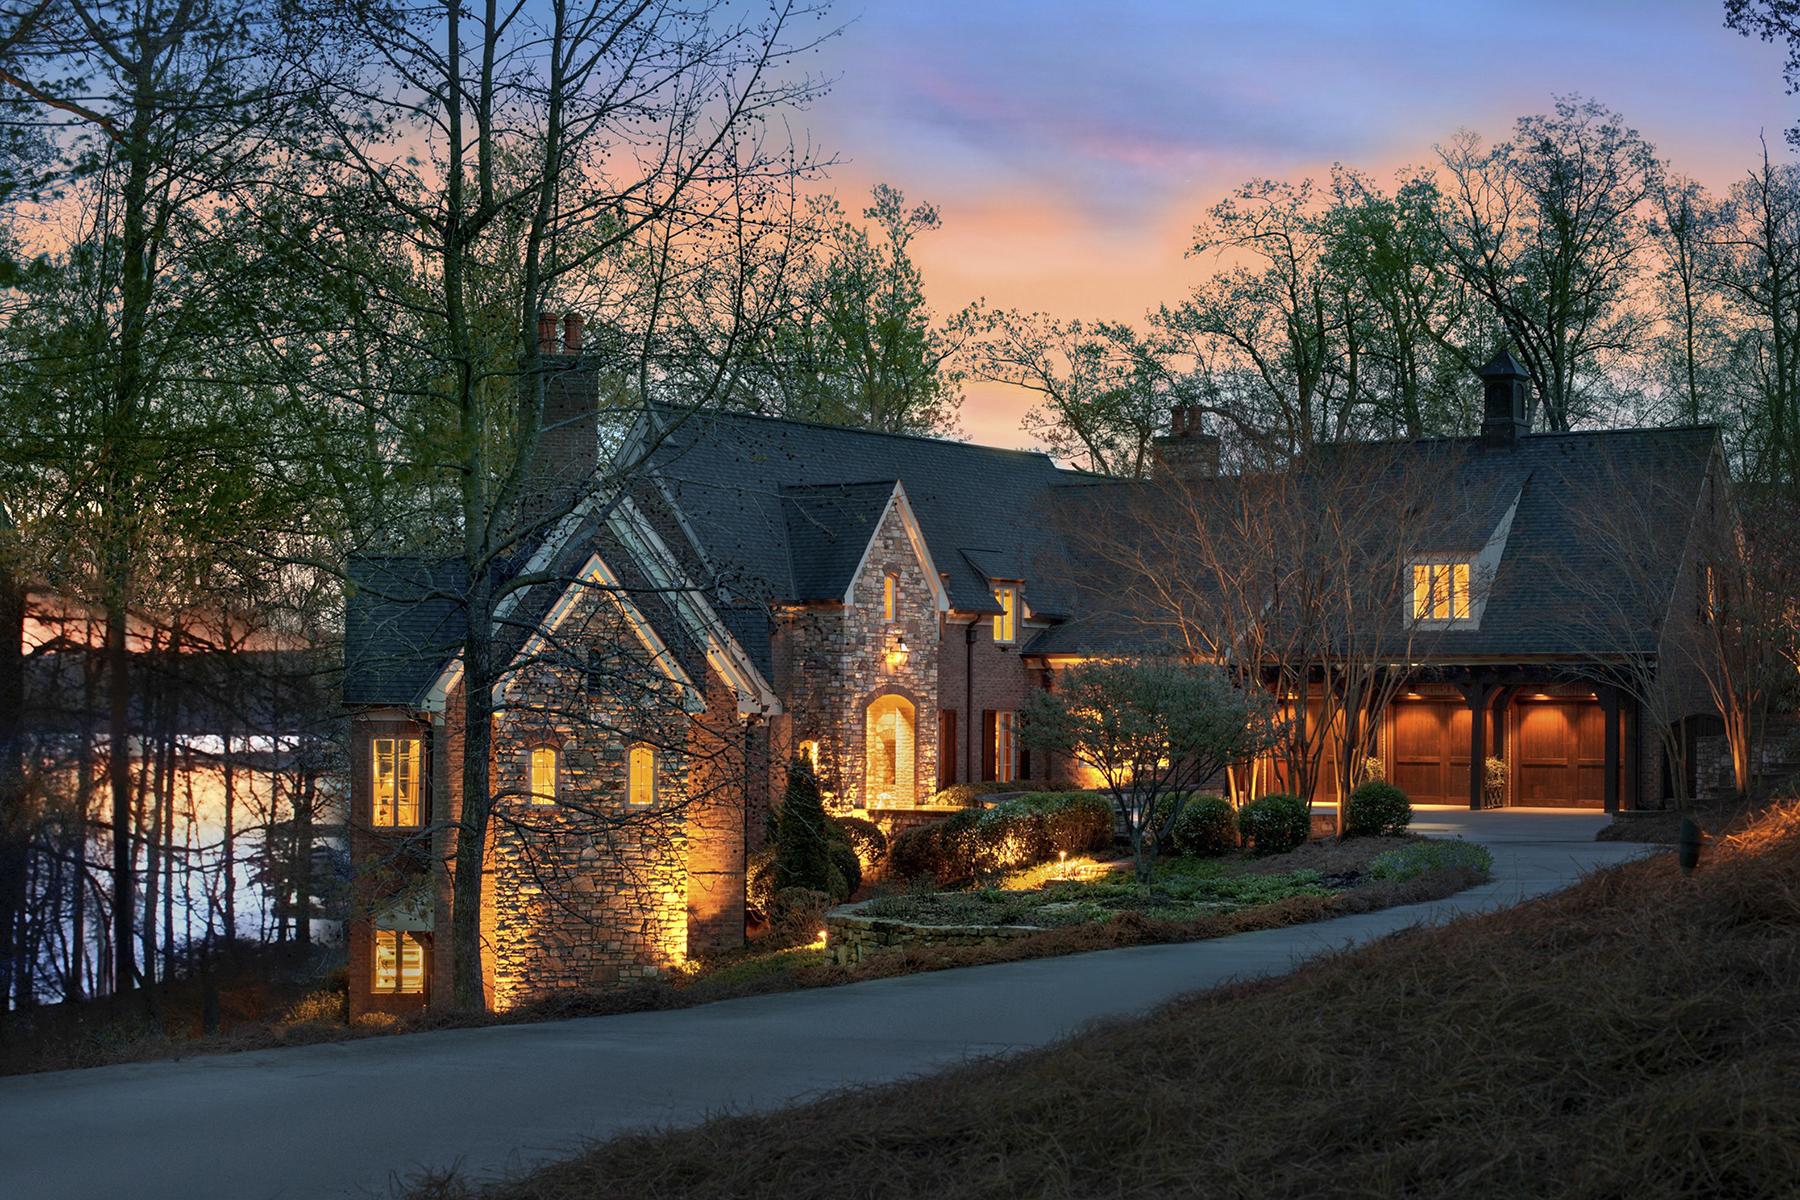 Casa Unifamiliar por un Venta en UWHARRIE POINT 136 Windy Hill Cv New London, Carolina Del Norte, 28127 Estados Unidos